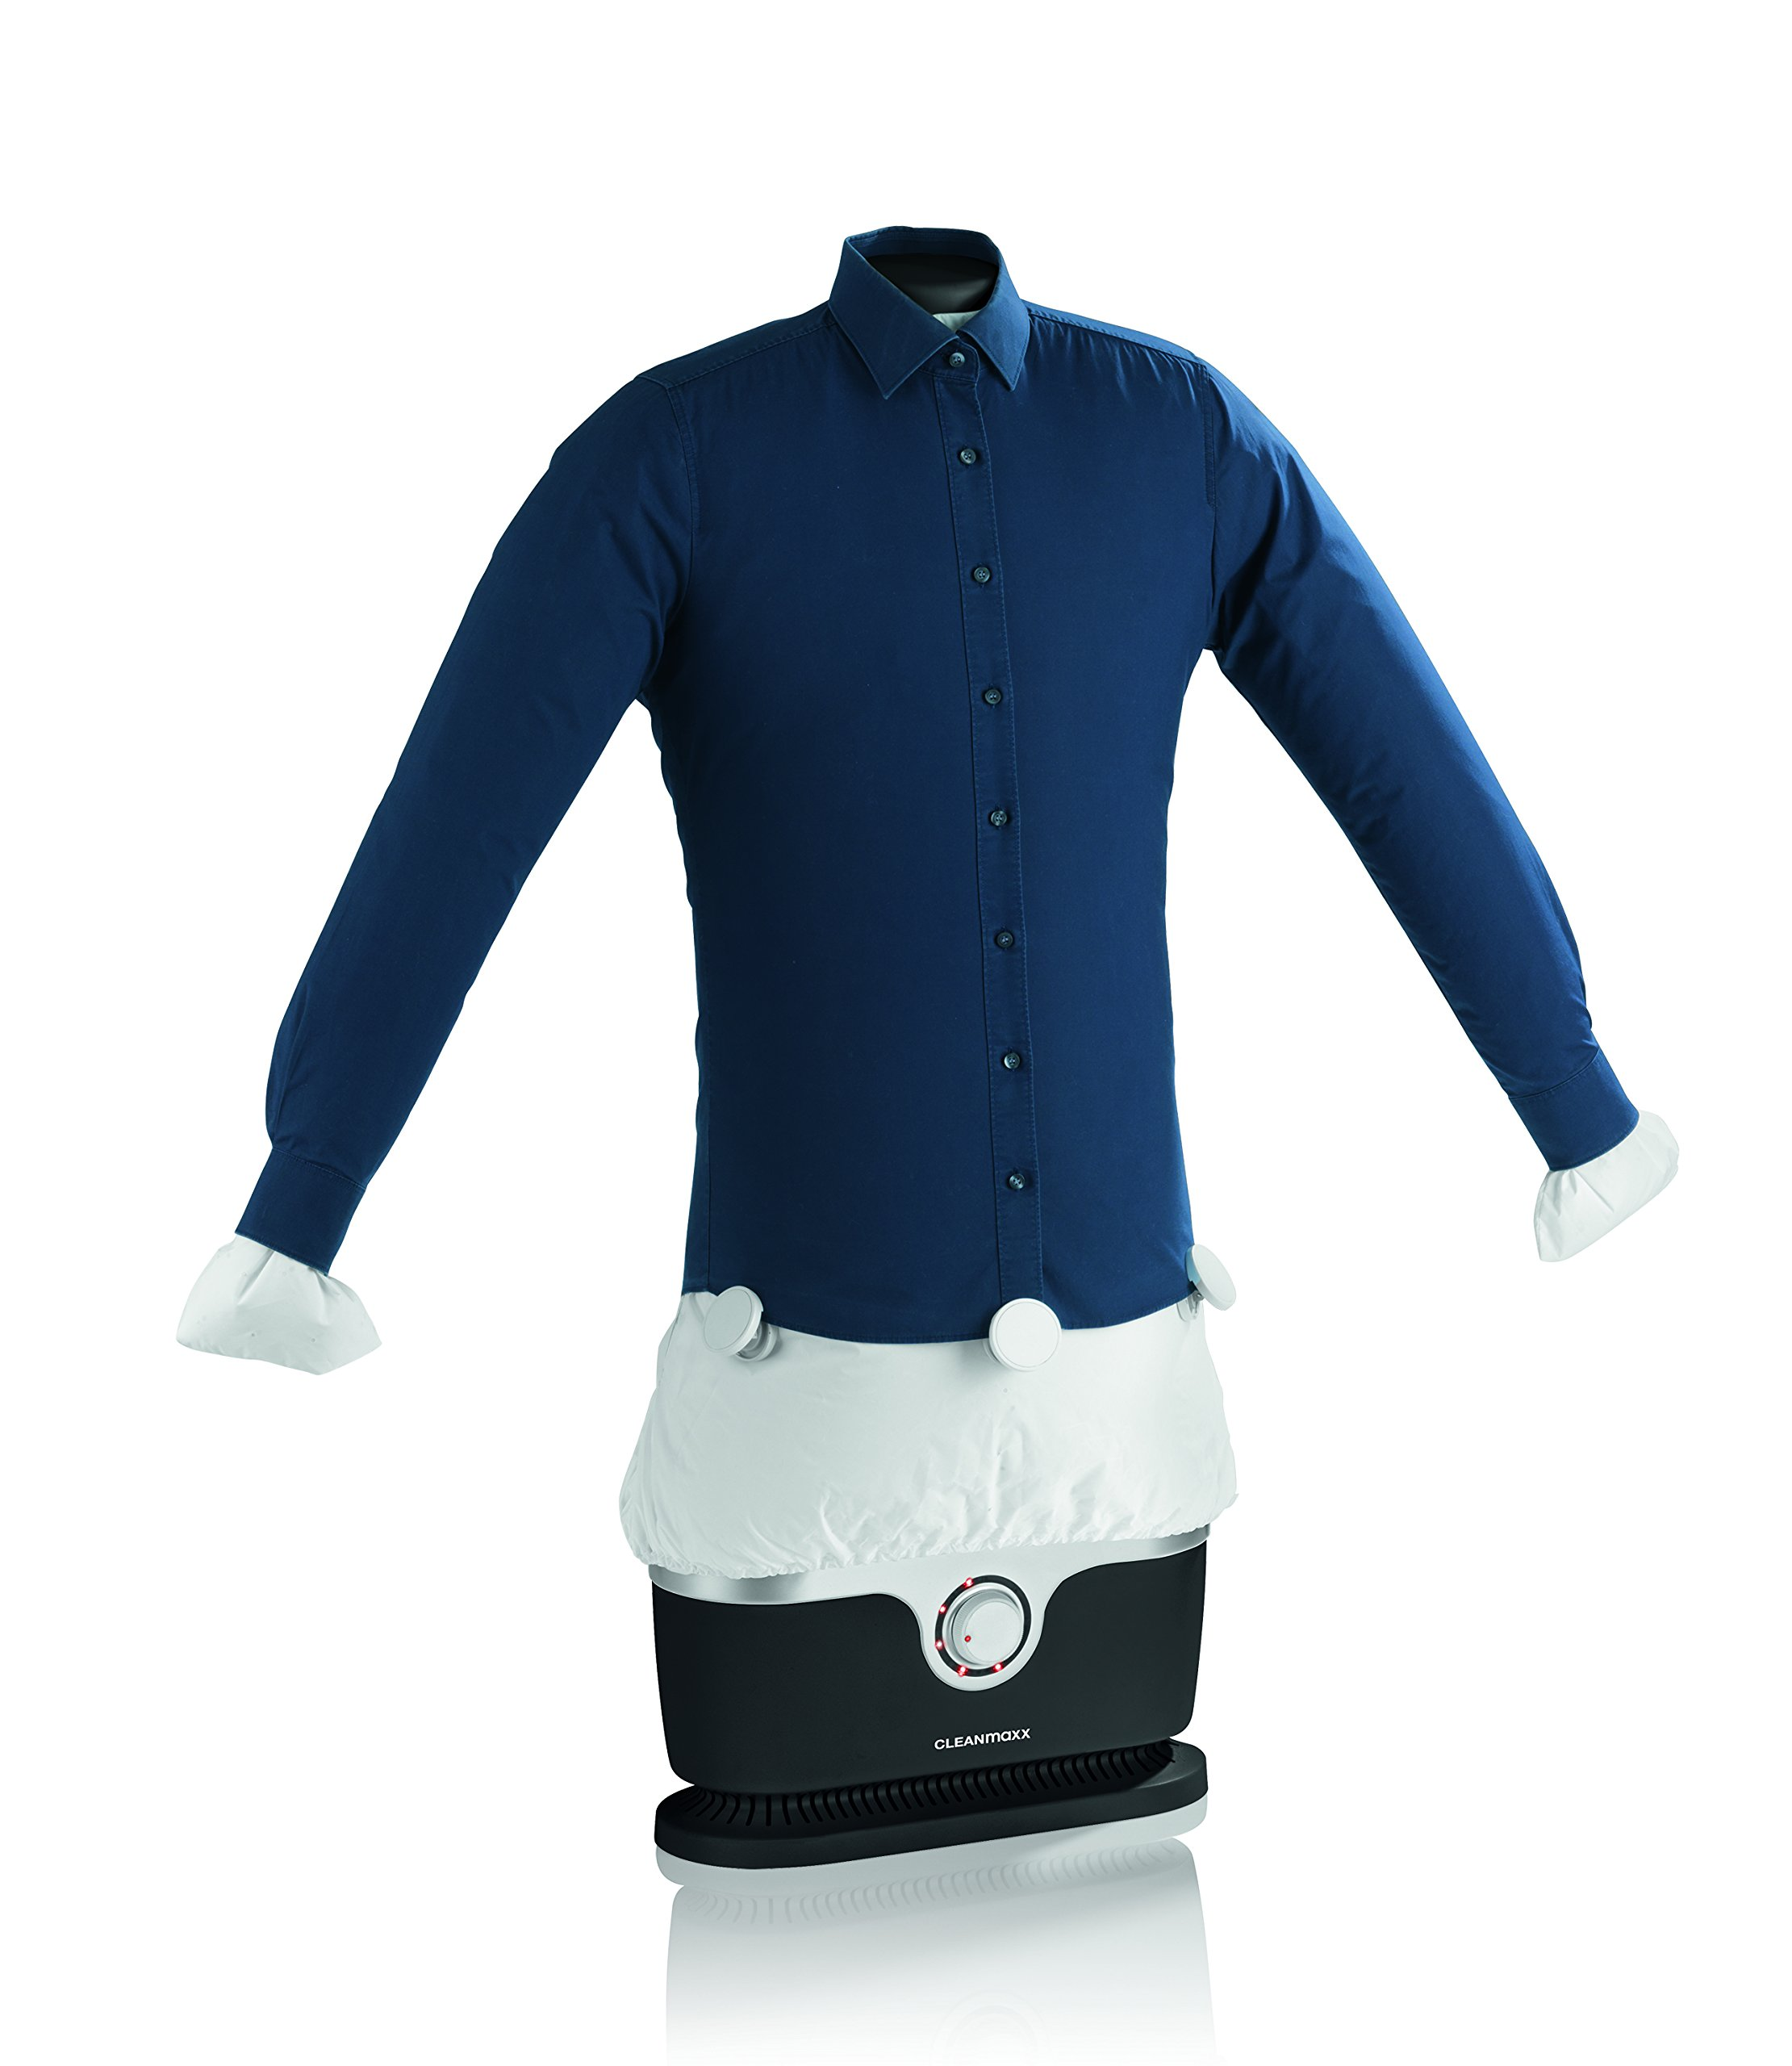 Automática plancha 1800 W para camisas y blusas, plancha y muñeca (se seca bügelt) con protección antigoteo, silencioso solo 75 dB: Amazon.es: Hogar